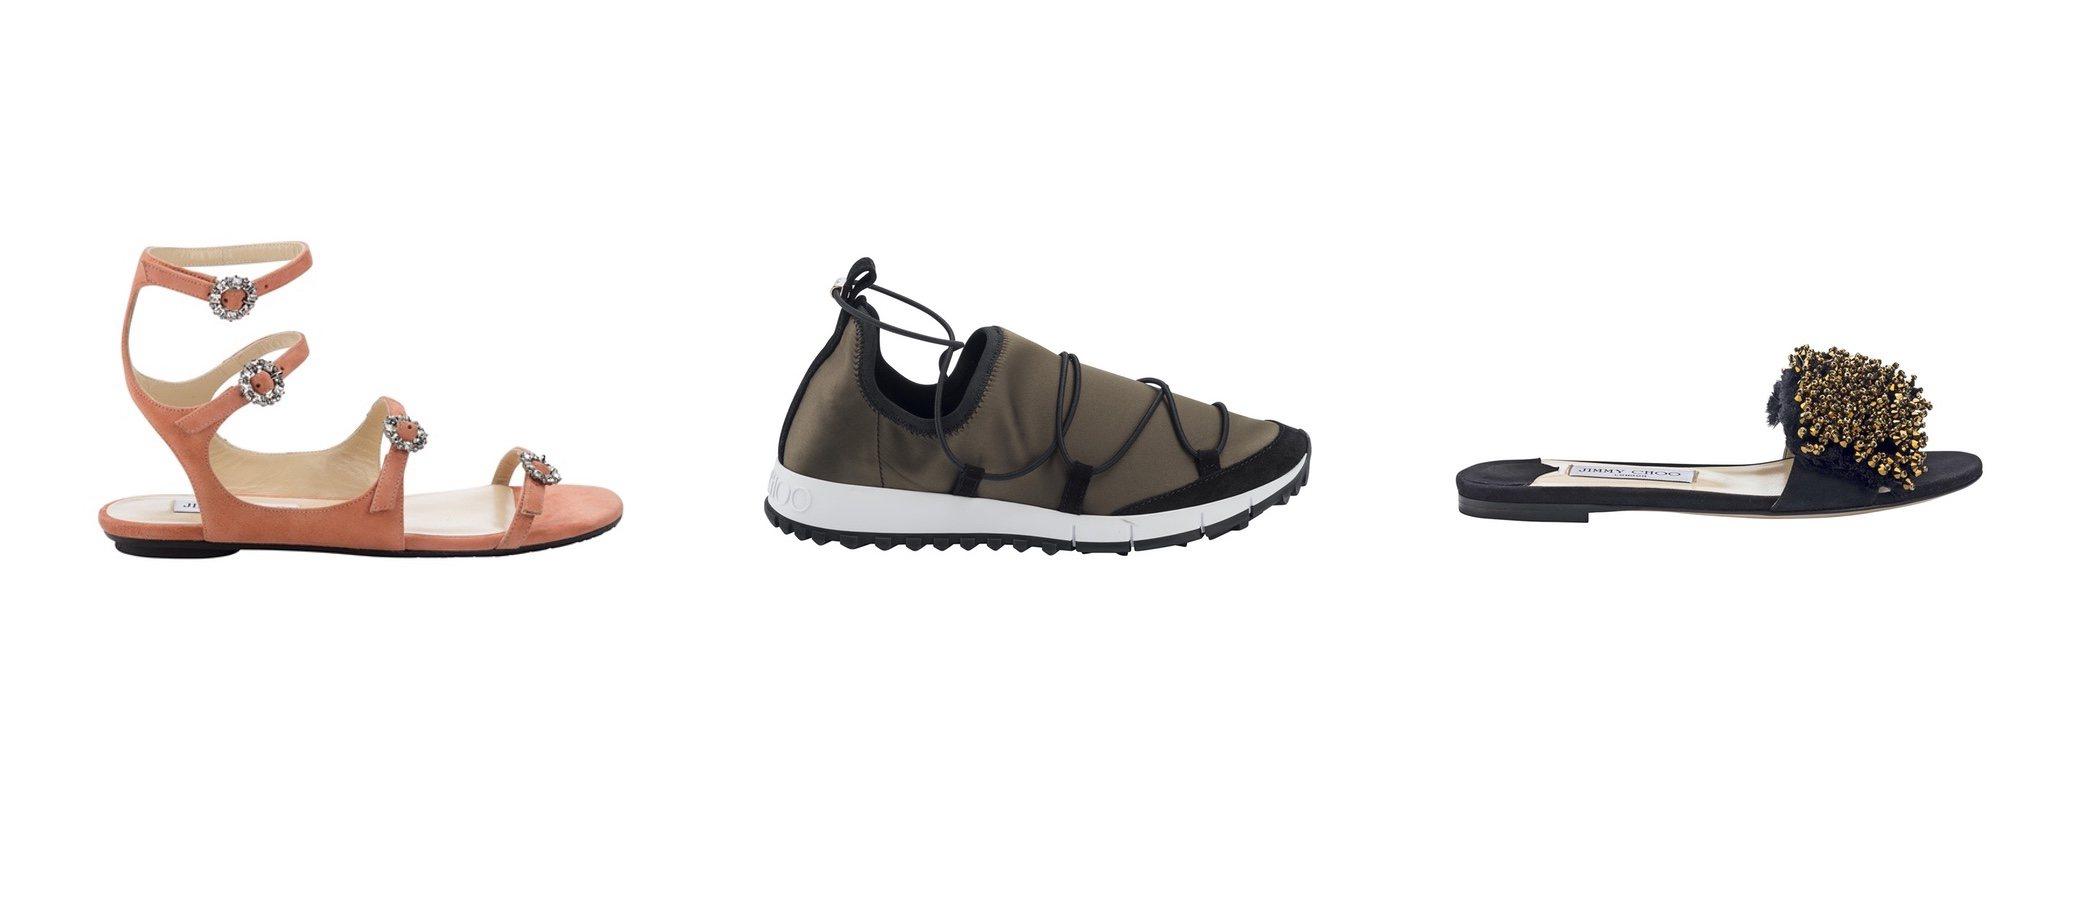 Jimmy Choo apuesta por el calzado plano en su primavera/verano 2018